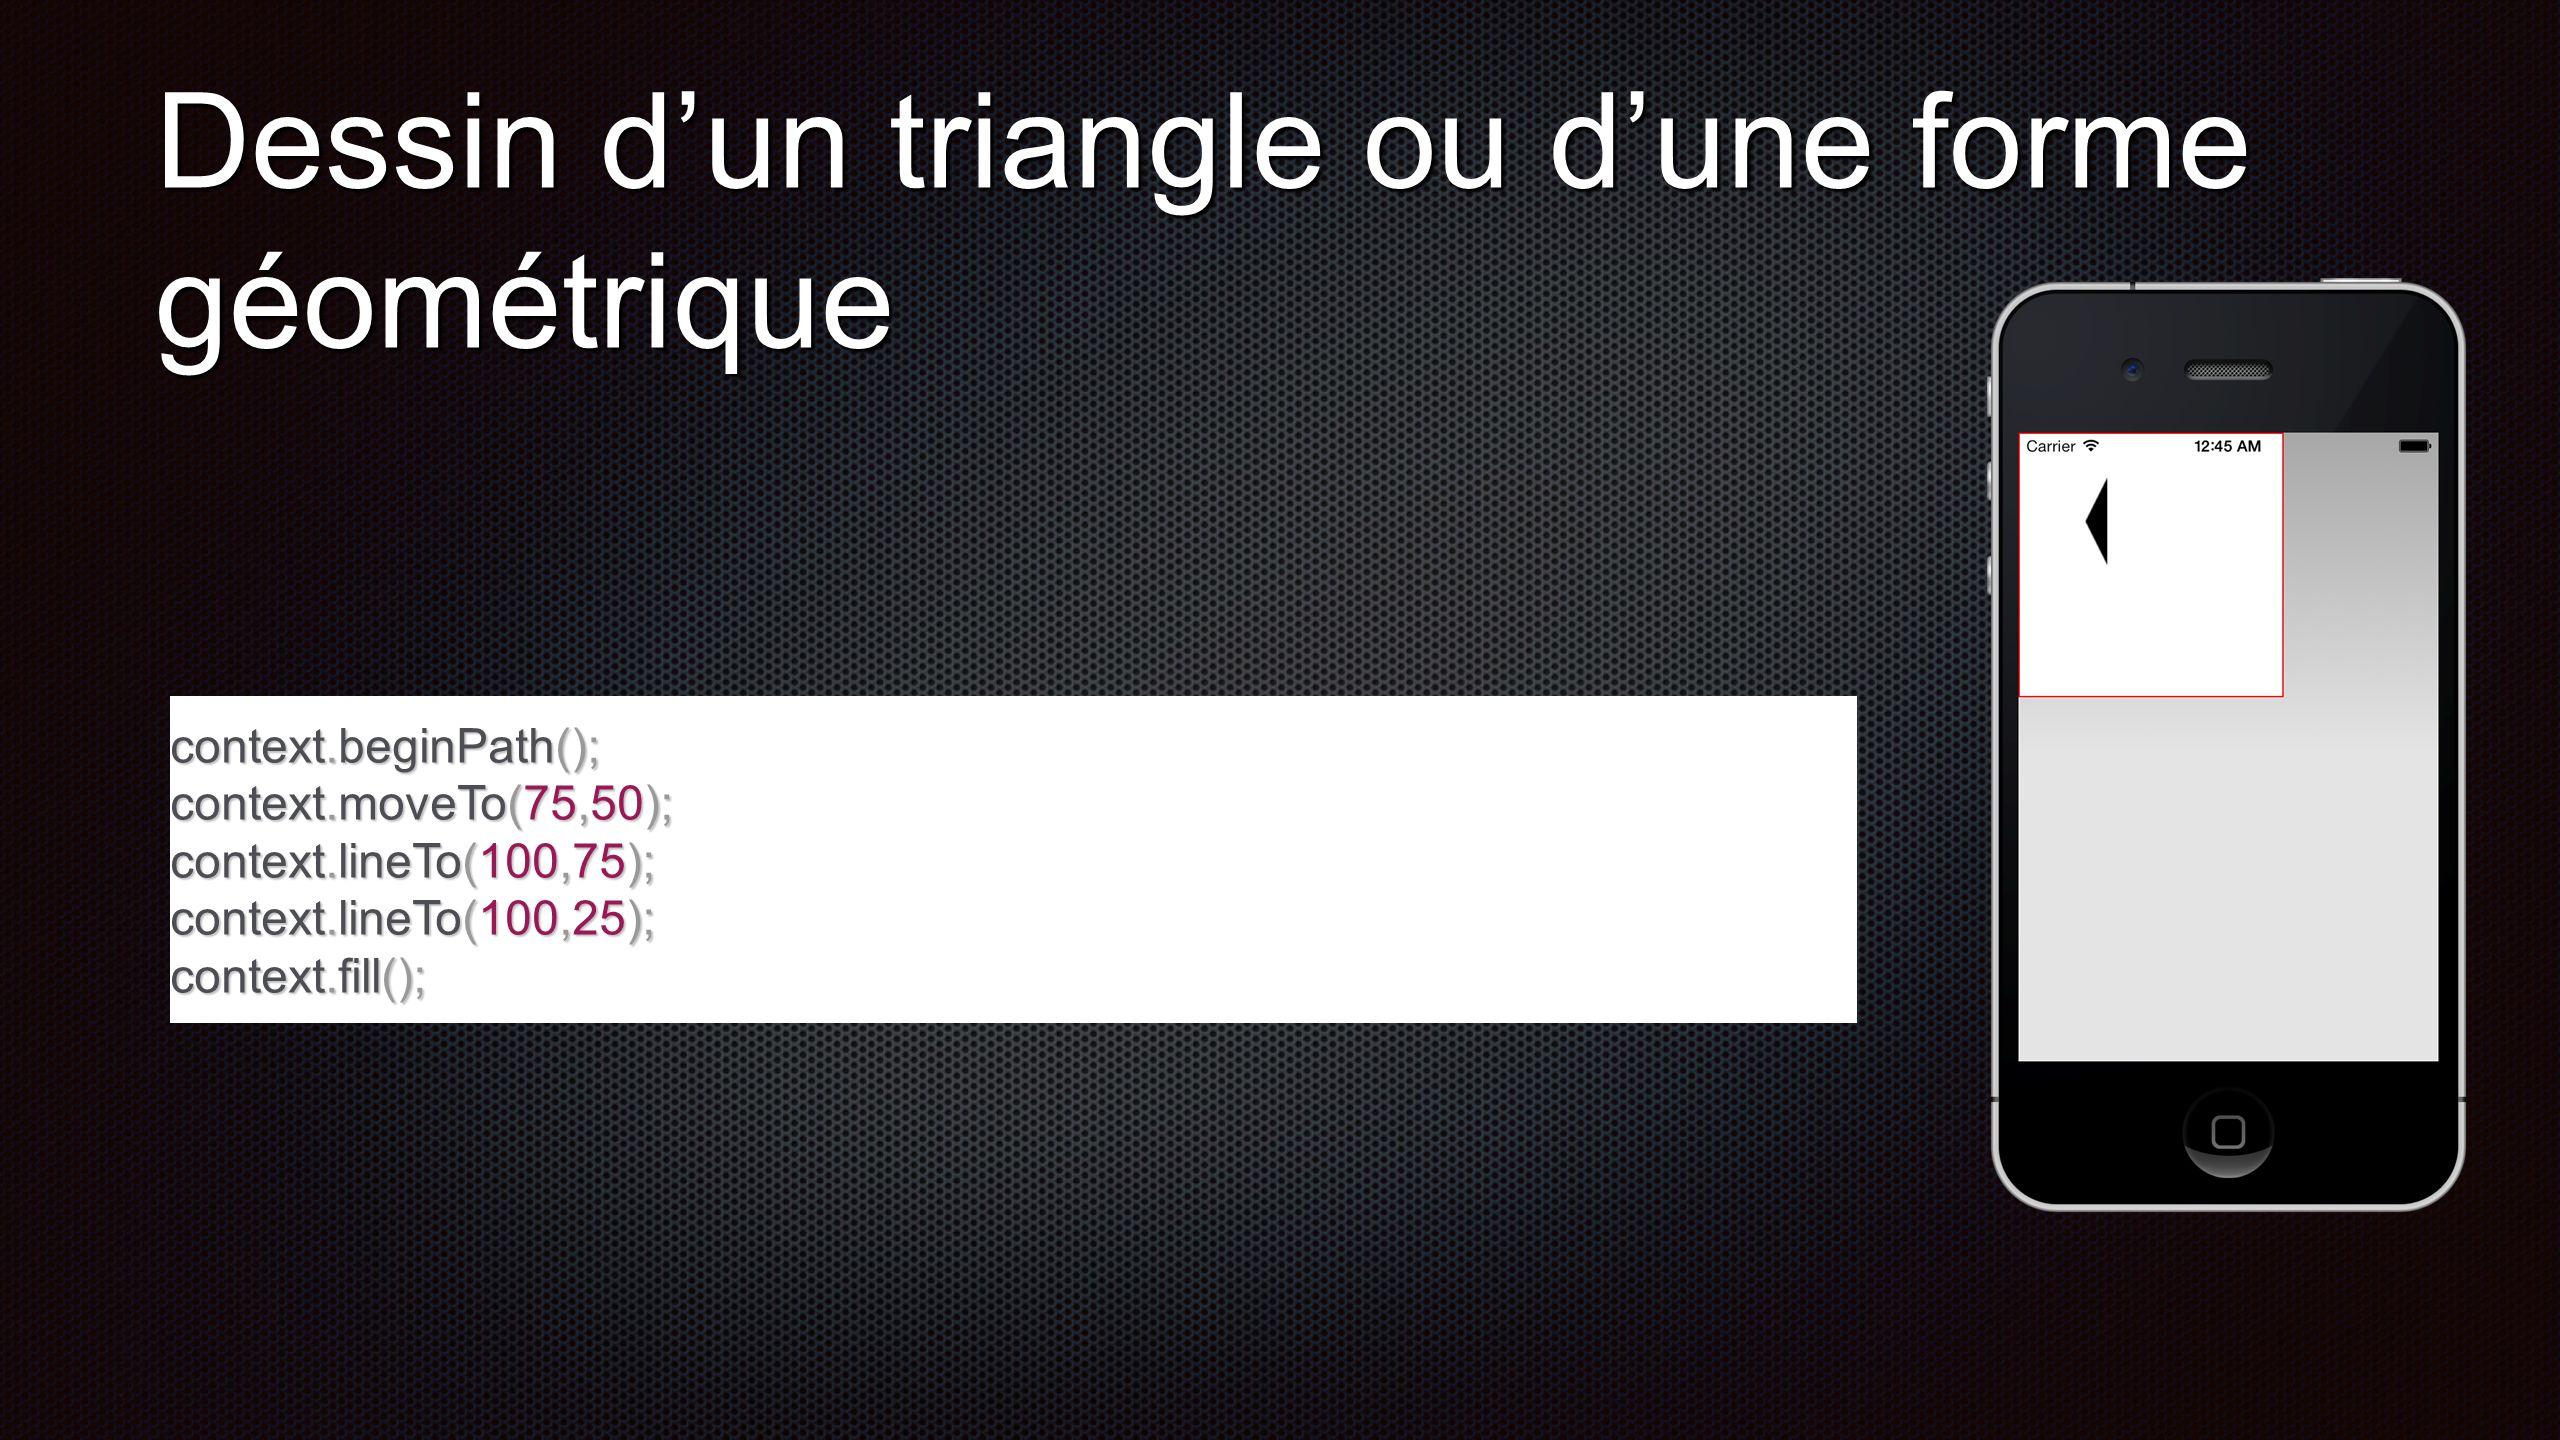 Dessin dun triangle ou dune forme géométrique context.beginPath(); context.moveTo(75,50); context.lineTo(100,75); context.lineTo(100,25); context.fill();